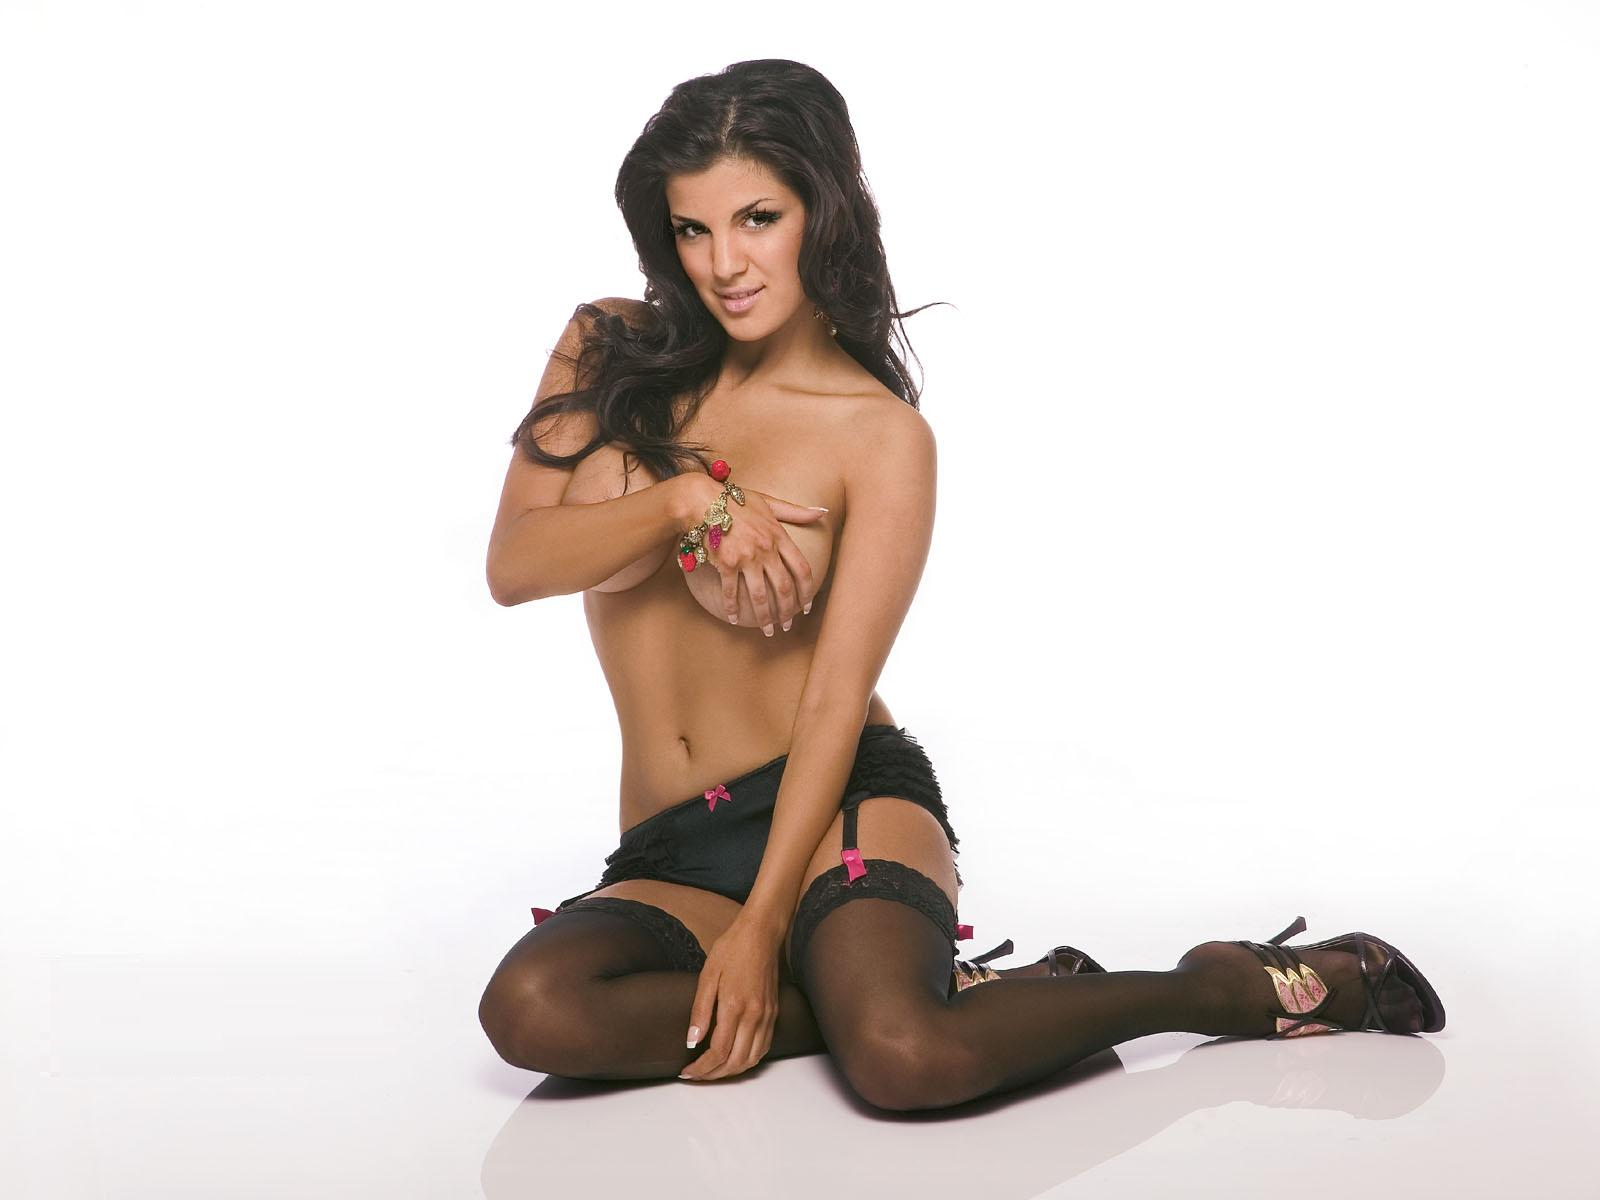 http://1.bp.blogspot.com/_cZuaghvCasw/TMvSz86YBHI/AAAAAAAAMV4/fU_tK8wAlxA/s1600/Aylar-Lie-Topless.jpg